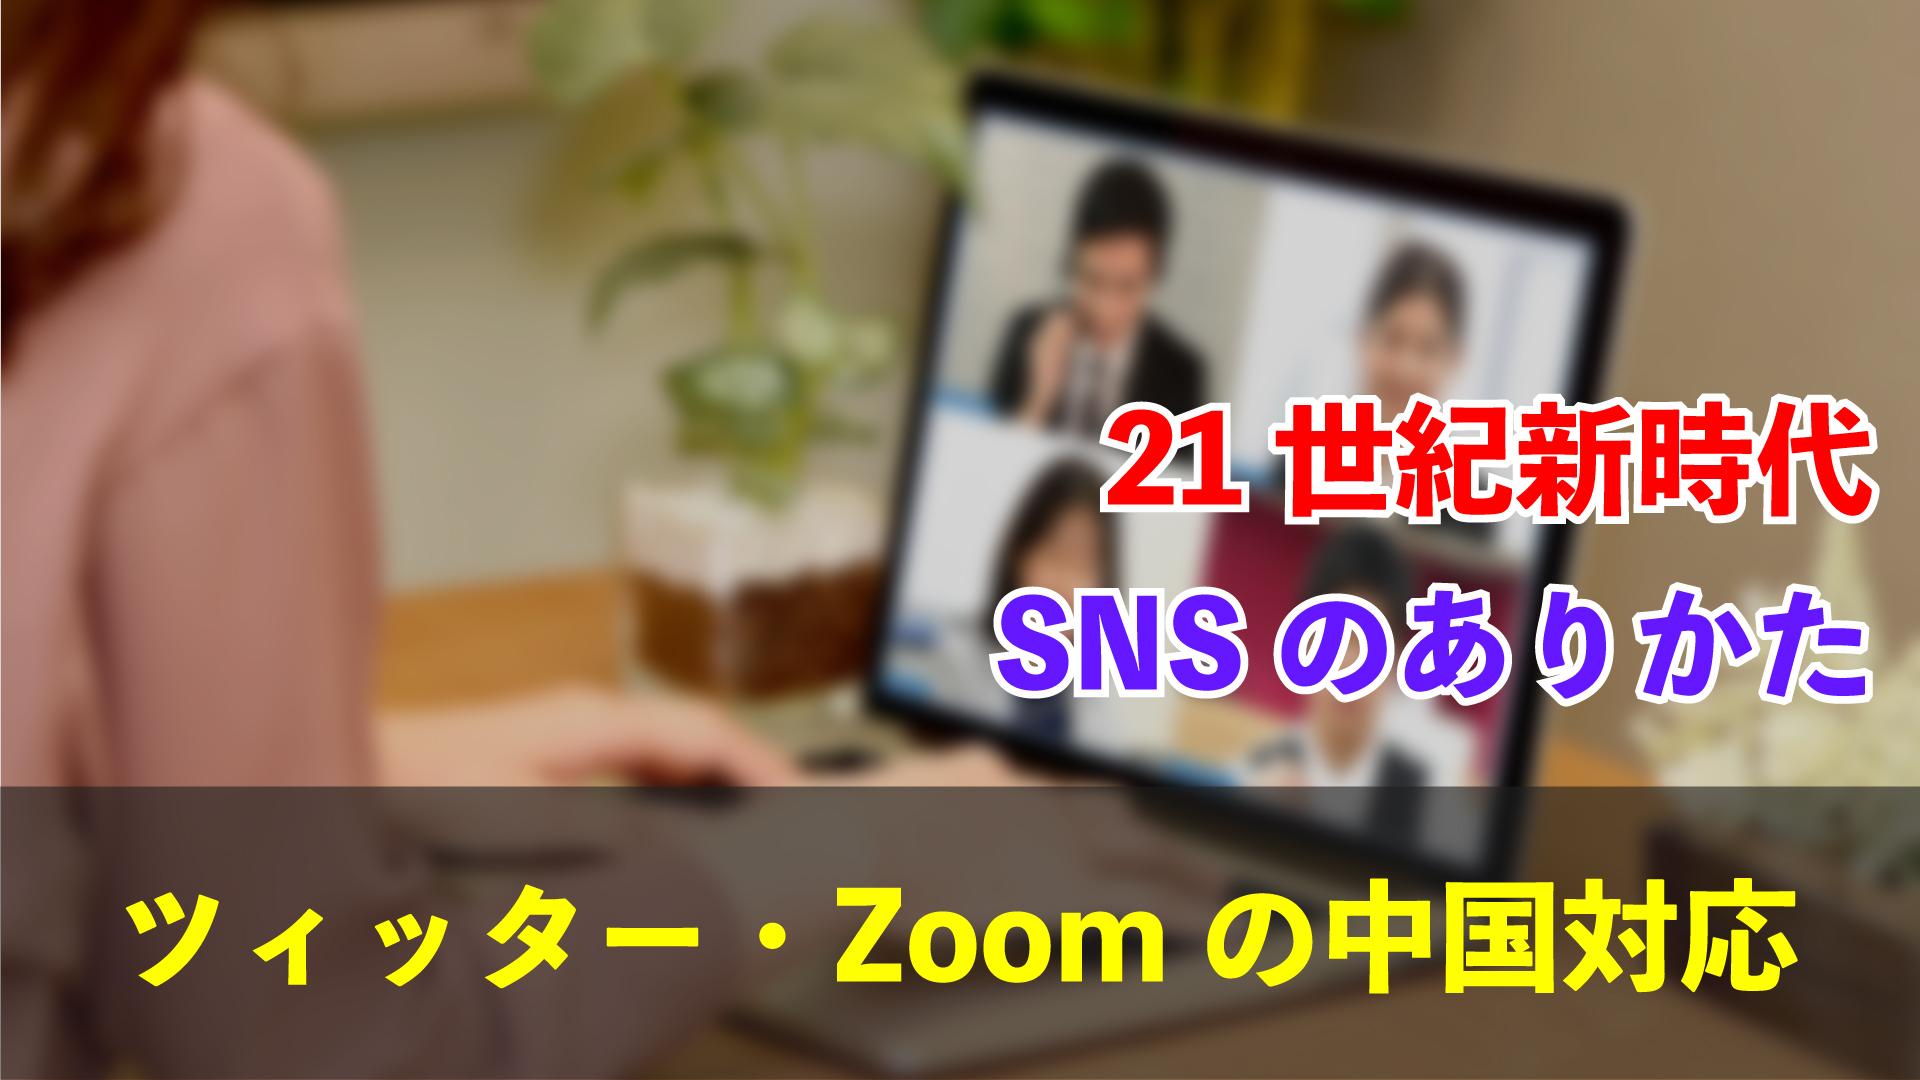 ツィッター・Zoomなどの中国対応。21世紀新時代_thumbnail